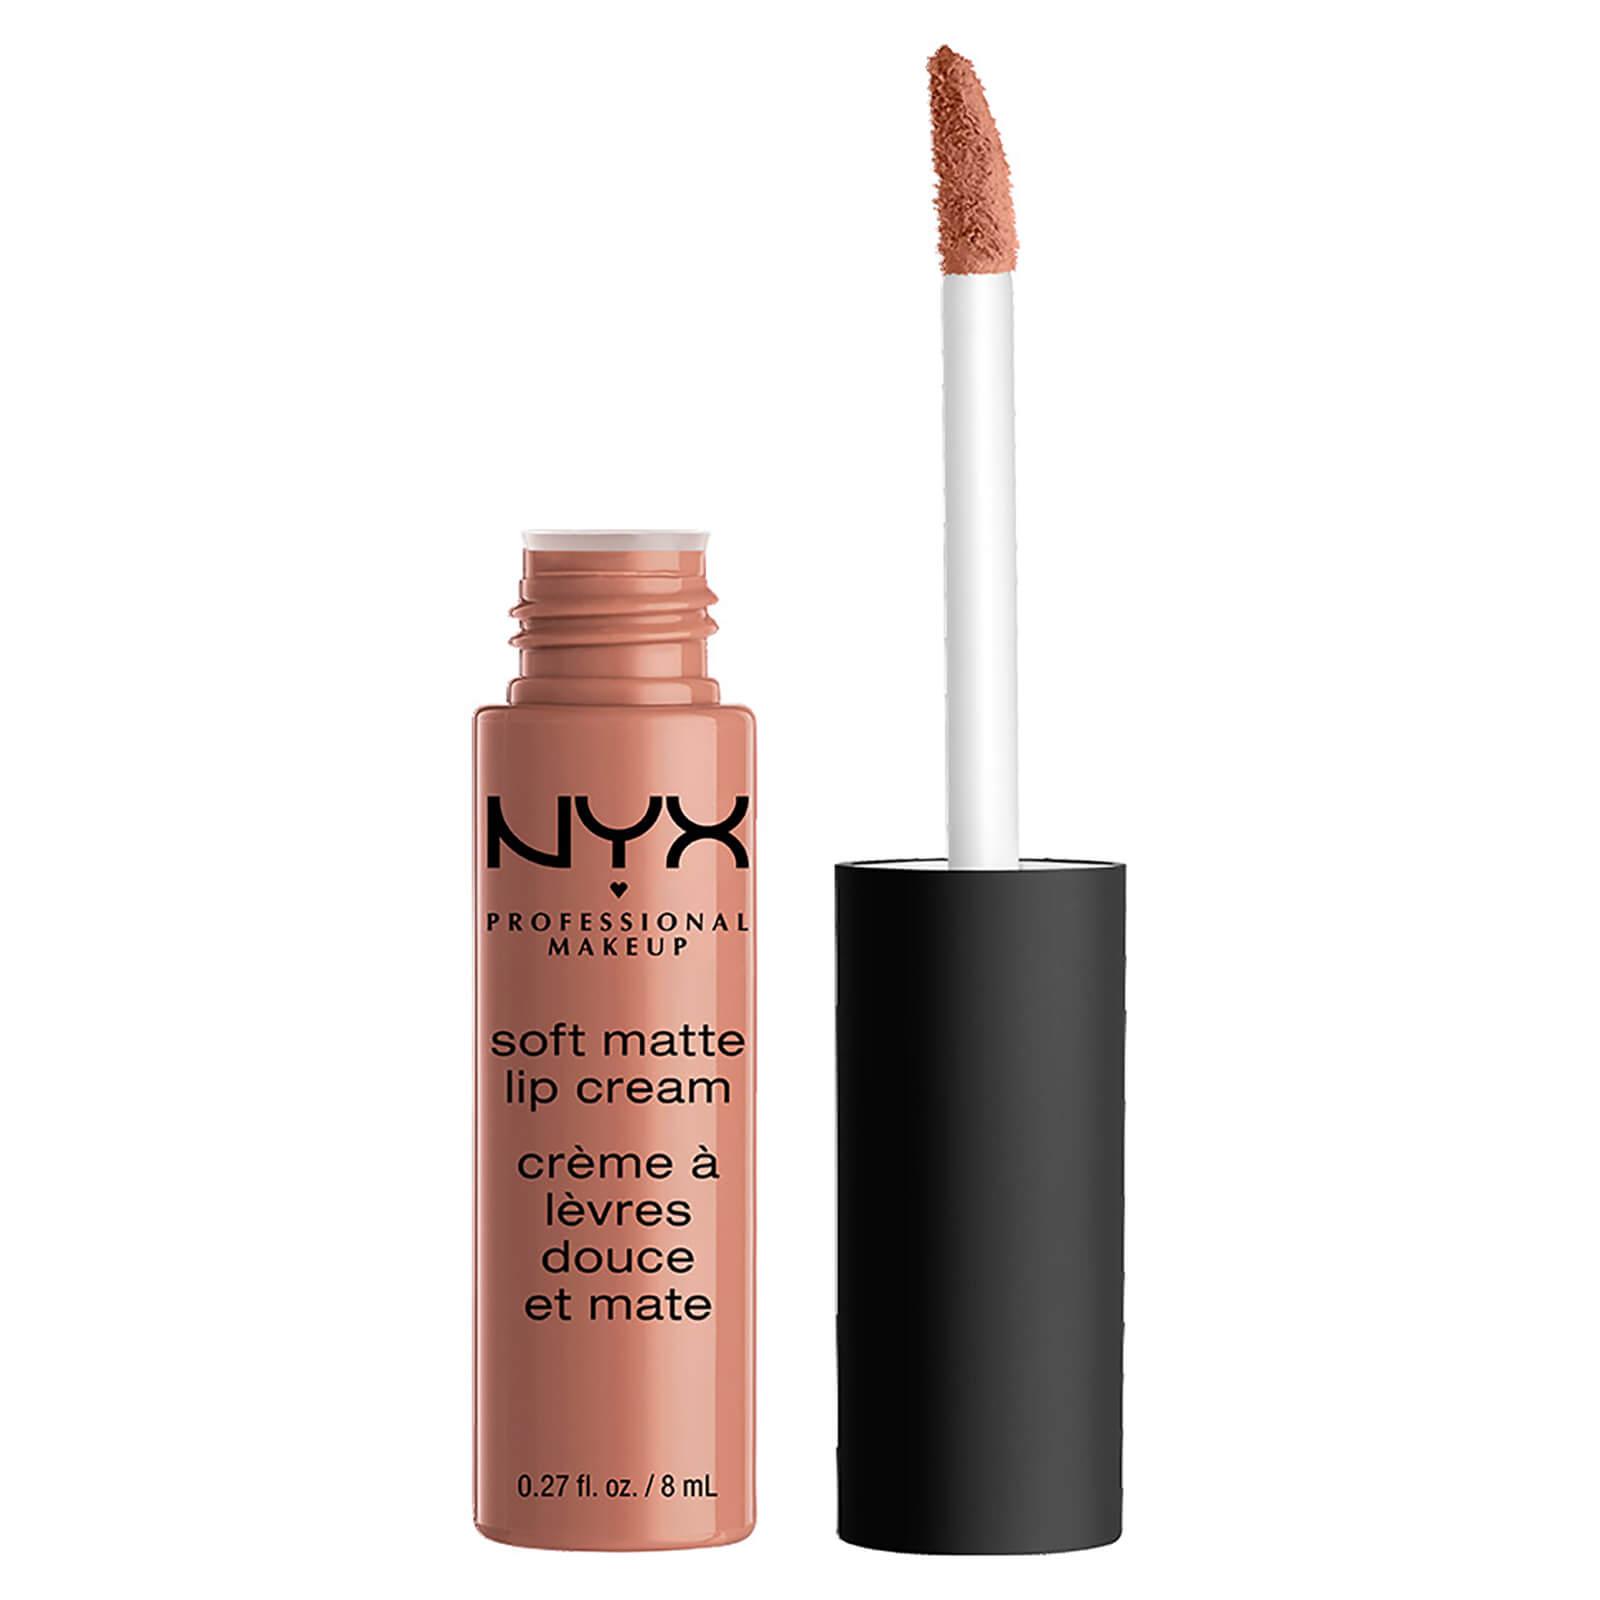 Купить Матовая жидкая помада NYX Professional Makeup Soft Matte Lip Cream (разные оттенки) - Abu Dhabi